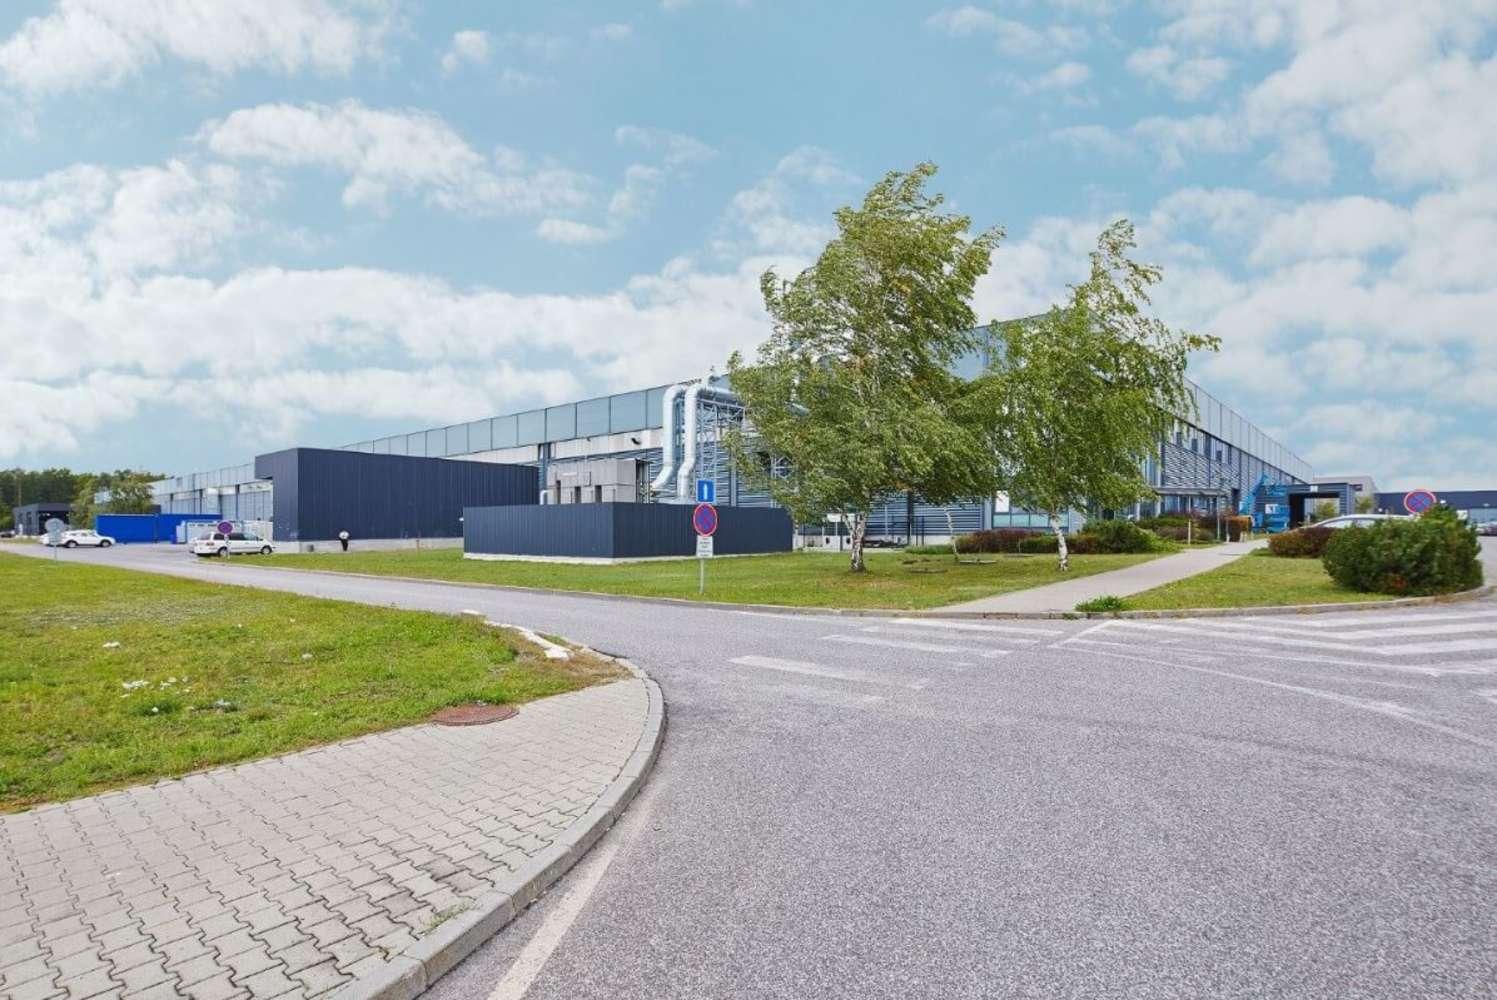 Průmyslové nemovitosti Hrušky (břeclav),  - D2 Logistics Park Břeclav - 6